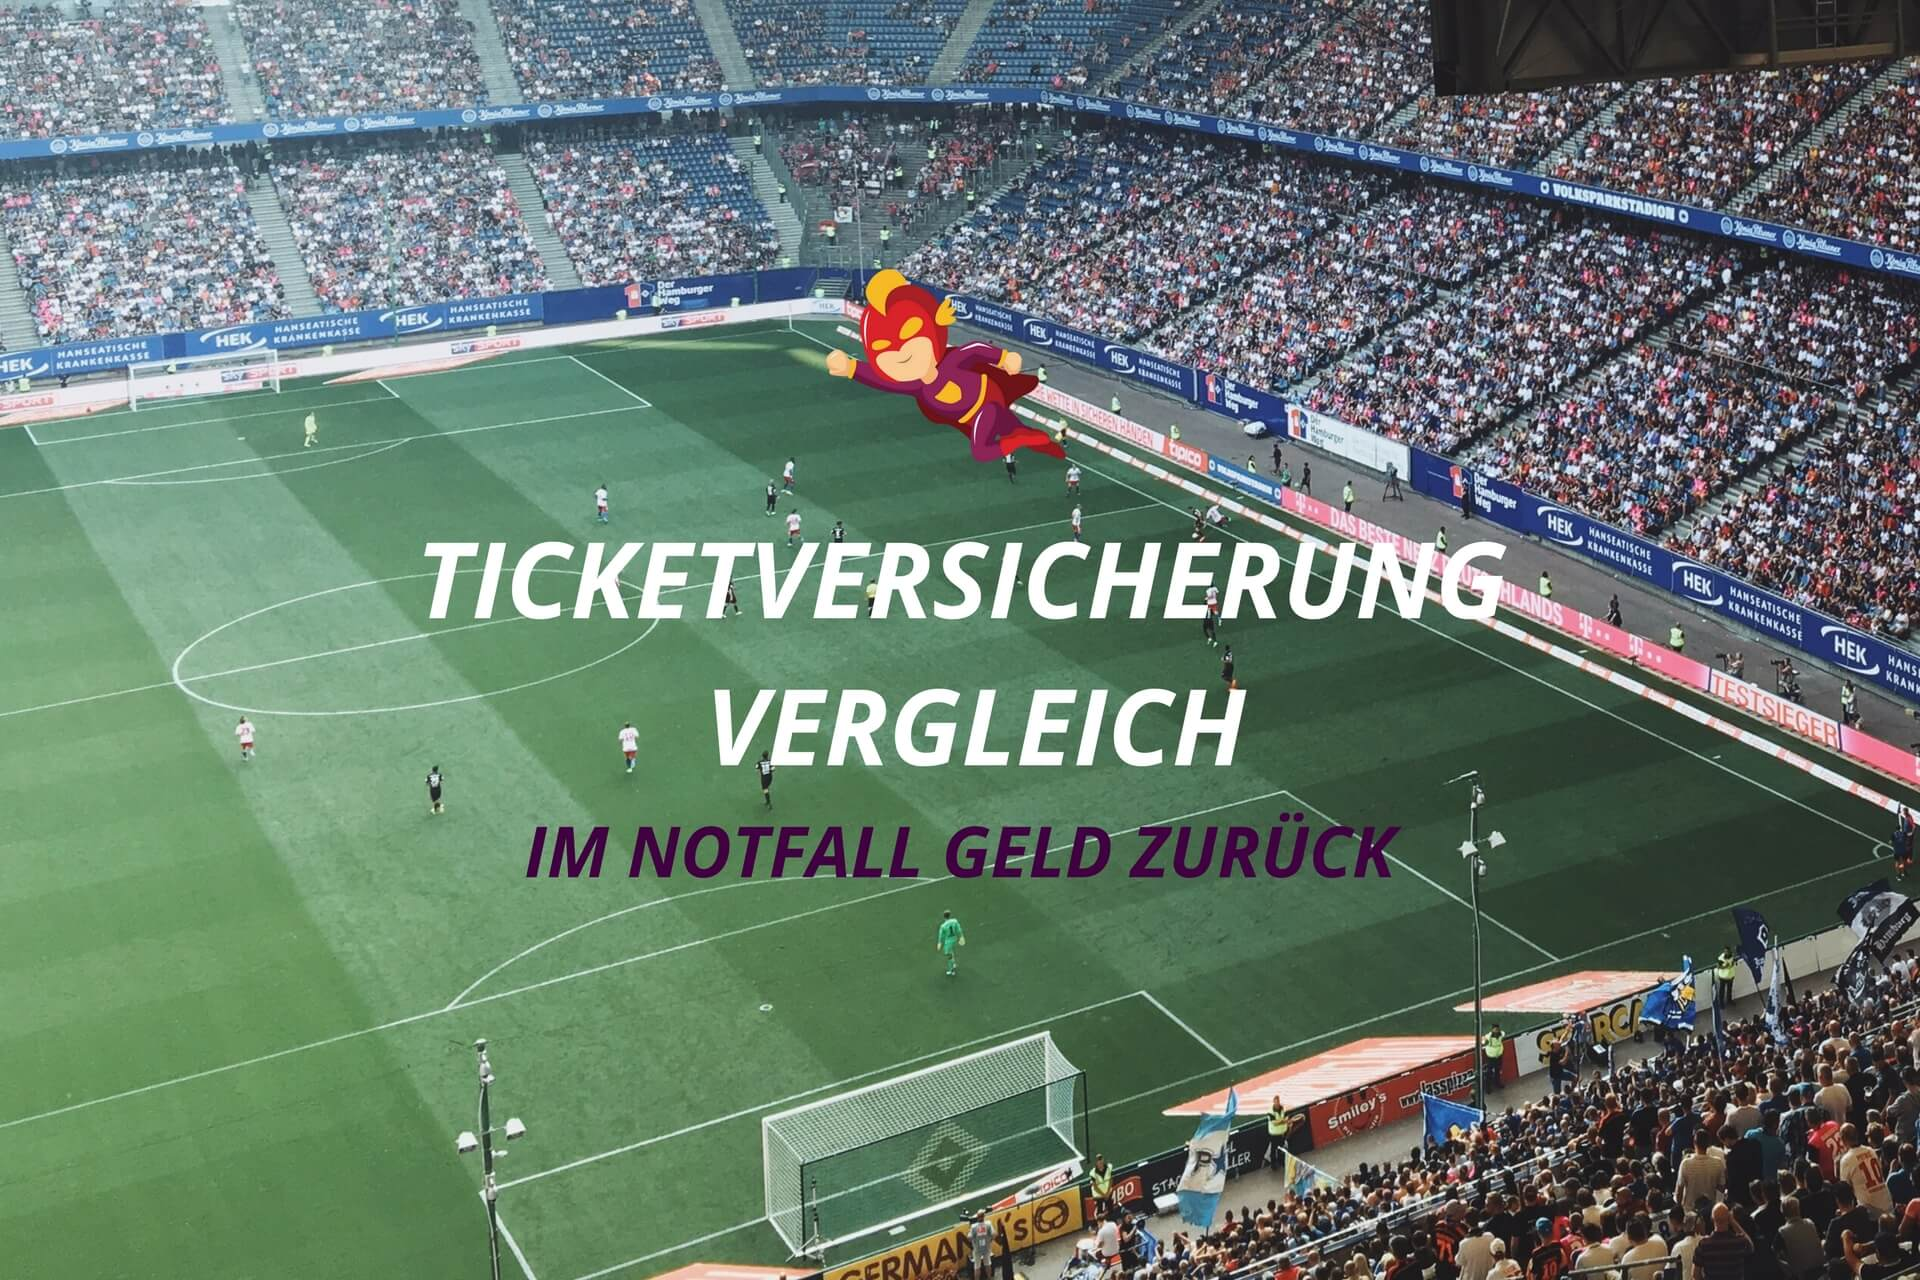 Ticketversicherung Vergleich - Finanzhelden.org